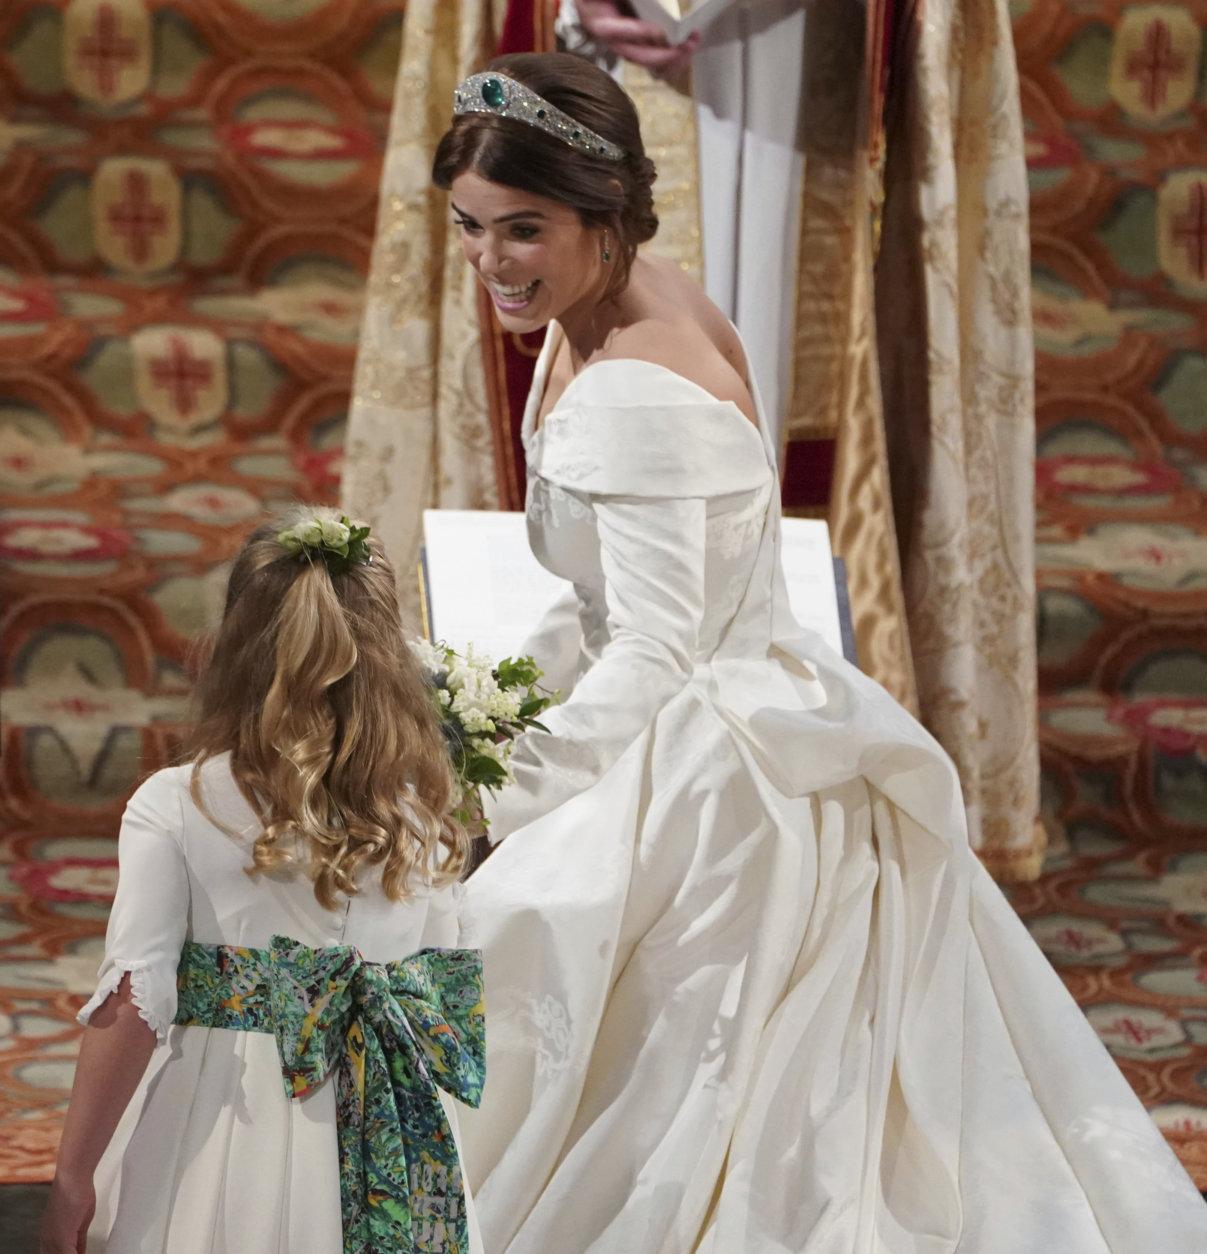 princess beatrice of york wedding